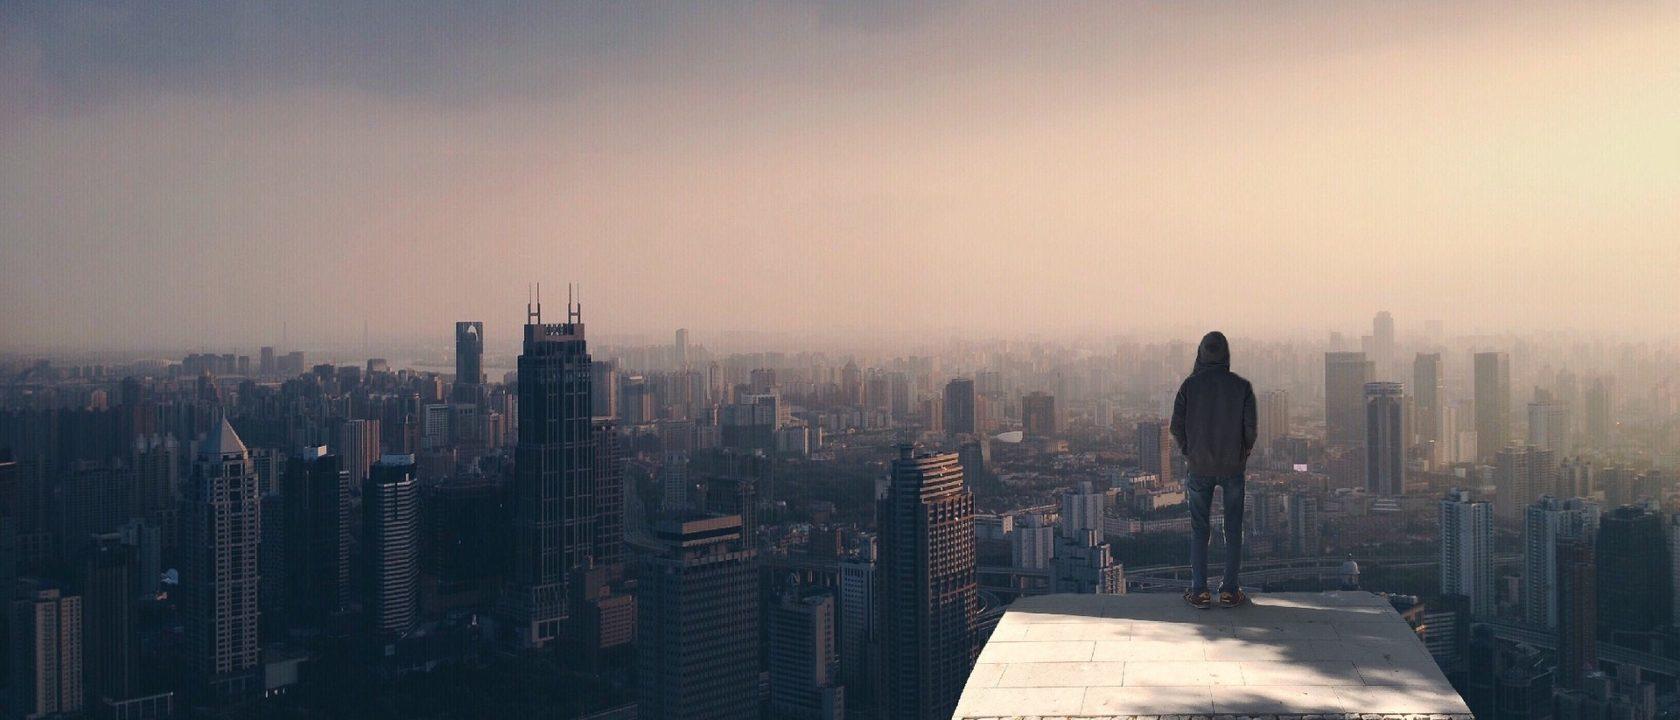 Bir adam yüksek bir yerden gökdelenlere bakıyor.